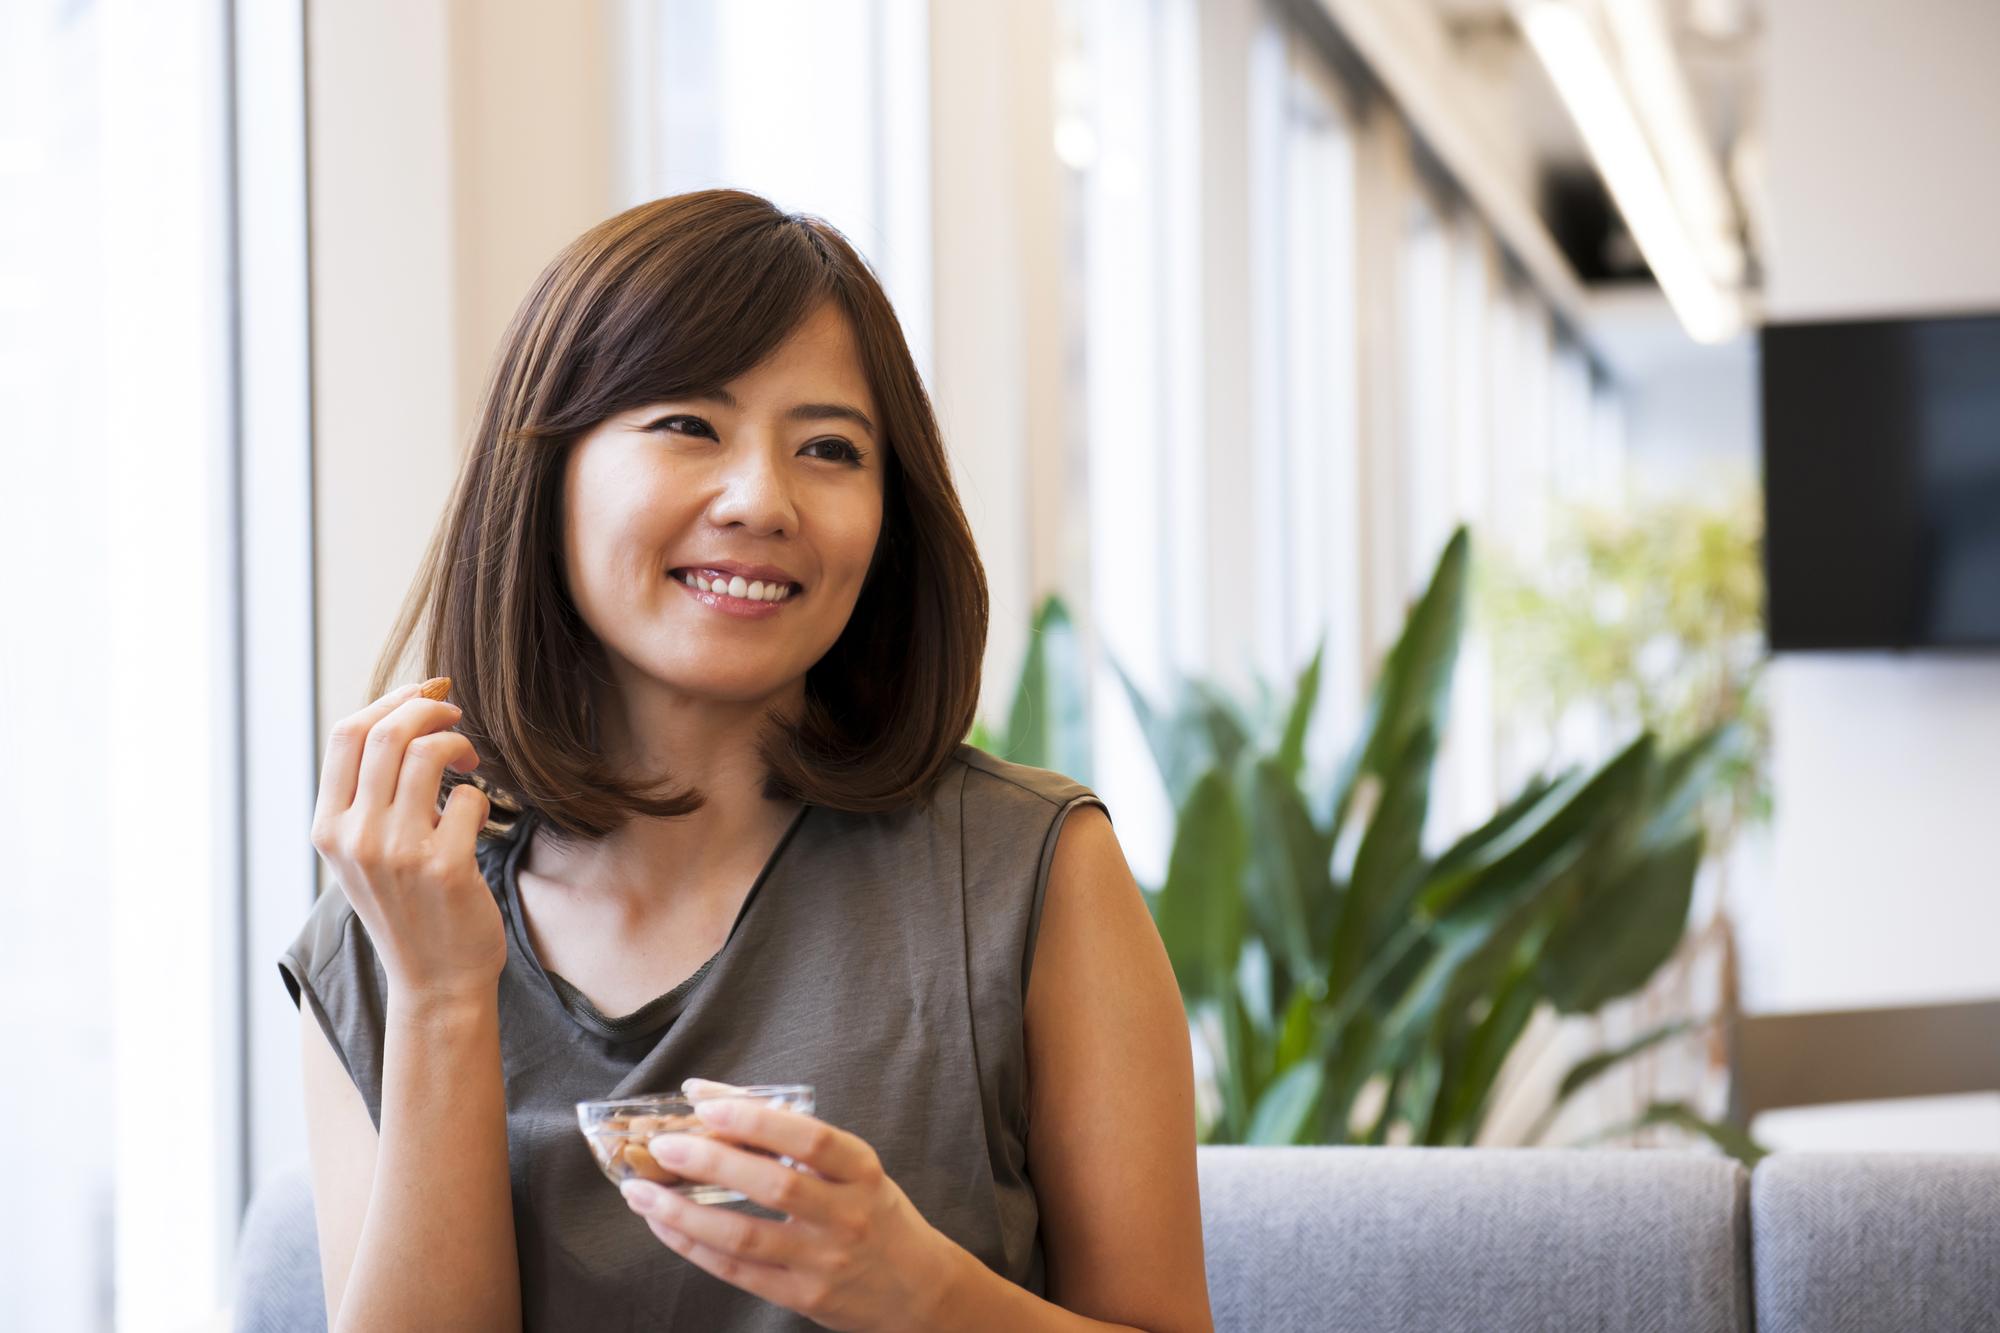 アーモンドは食物繊維が豊富!摂取時の注意点と効果を解説